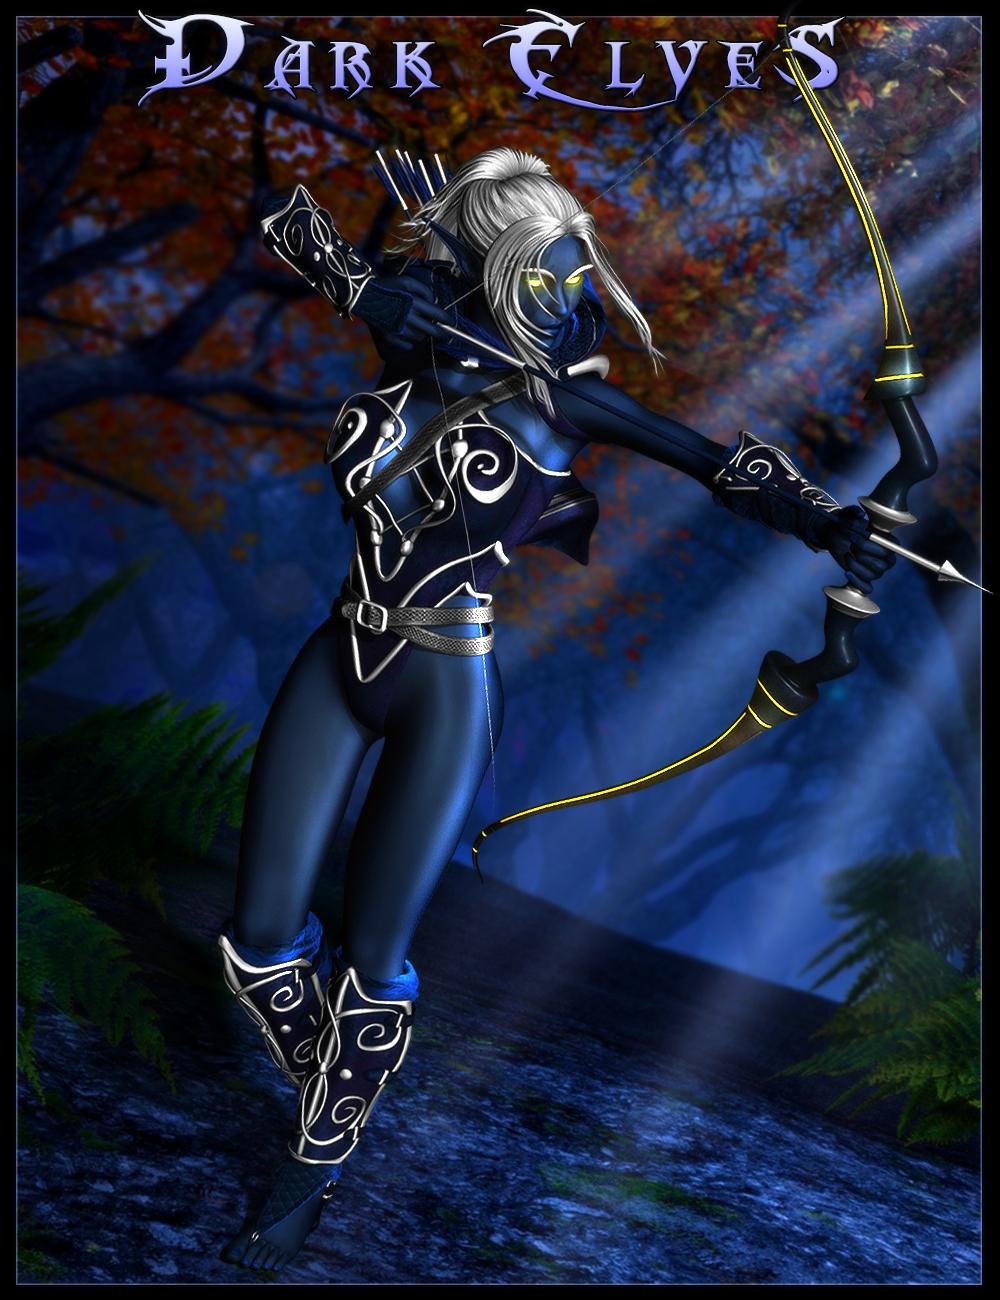 Dark Elves for Genesis by: IgnisSerpentus, 3D Models by Daz 3D